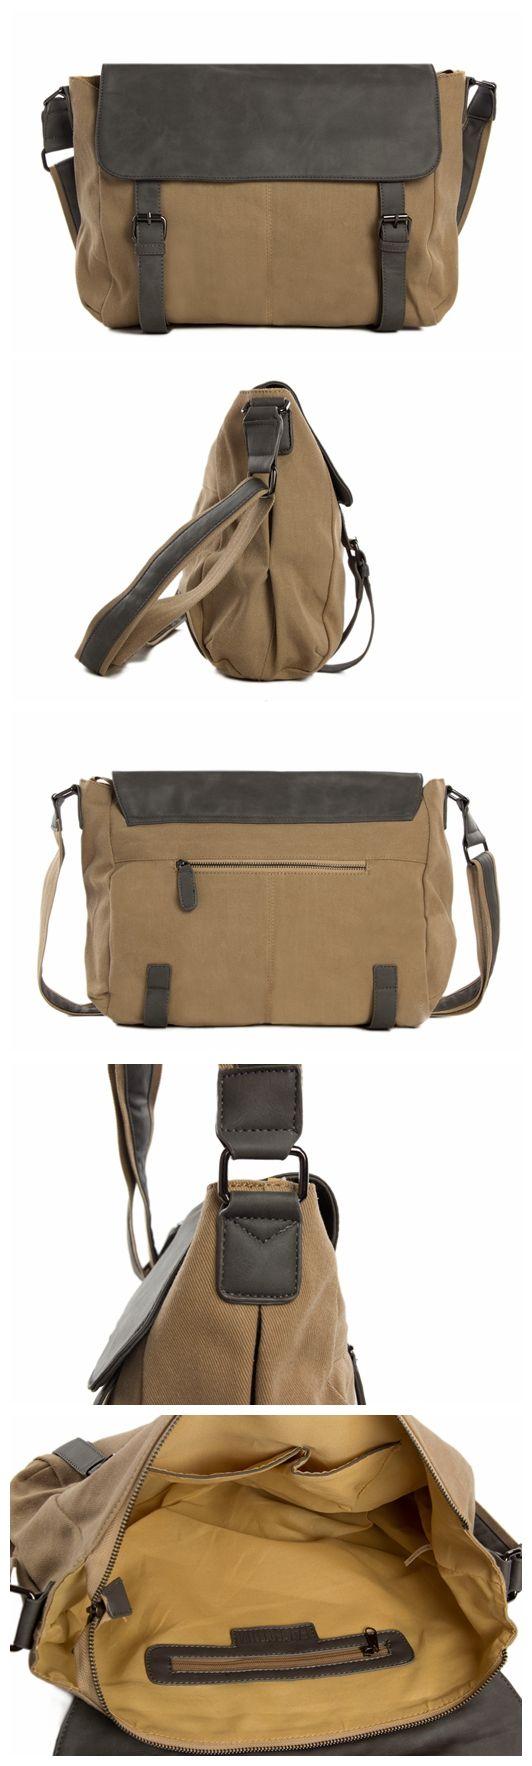 """Canvas Leather Messenger Bag Crossbody Shoulder Bag Waxed Canvas Bag 1131 Model Number: 1131 Dimensions: 14.9""""L x 3.1""""W x 11.8""""H / 38cm(L) x 8cm(W) x 30cm(H) Weight: 3.3lb / 1.5kg Hardware: Brass Hard"""